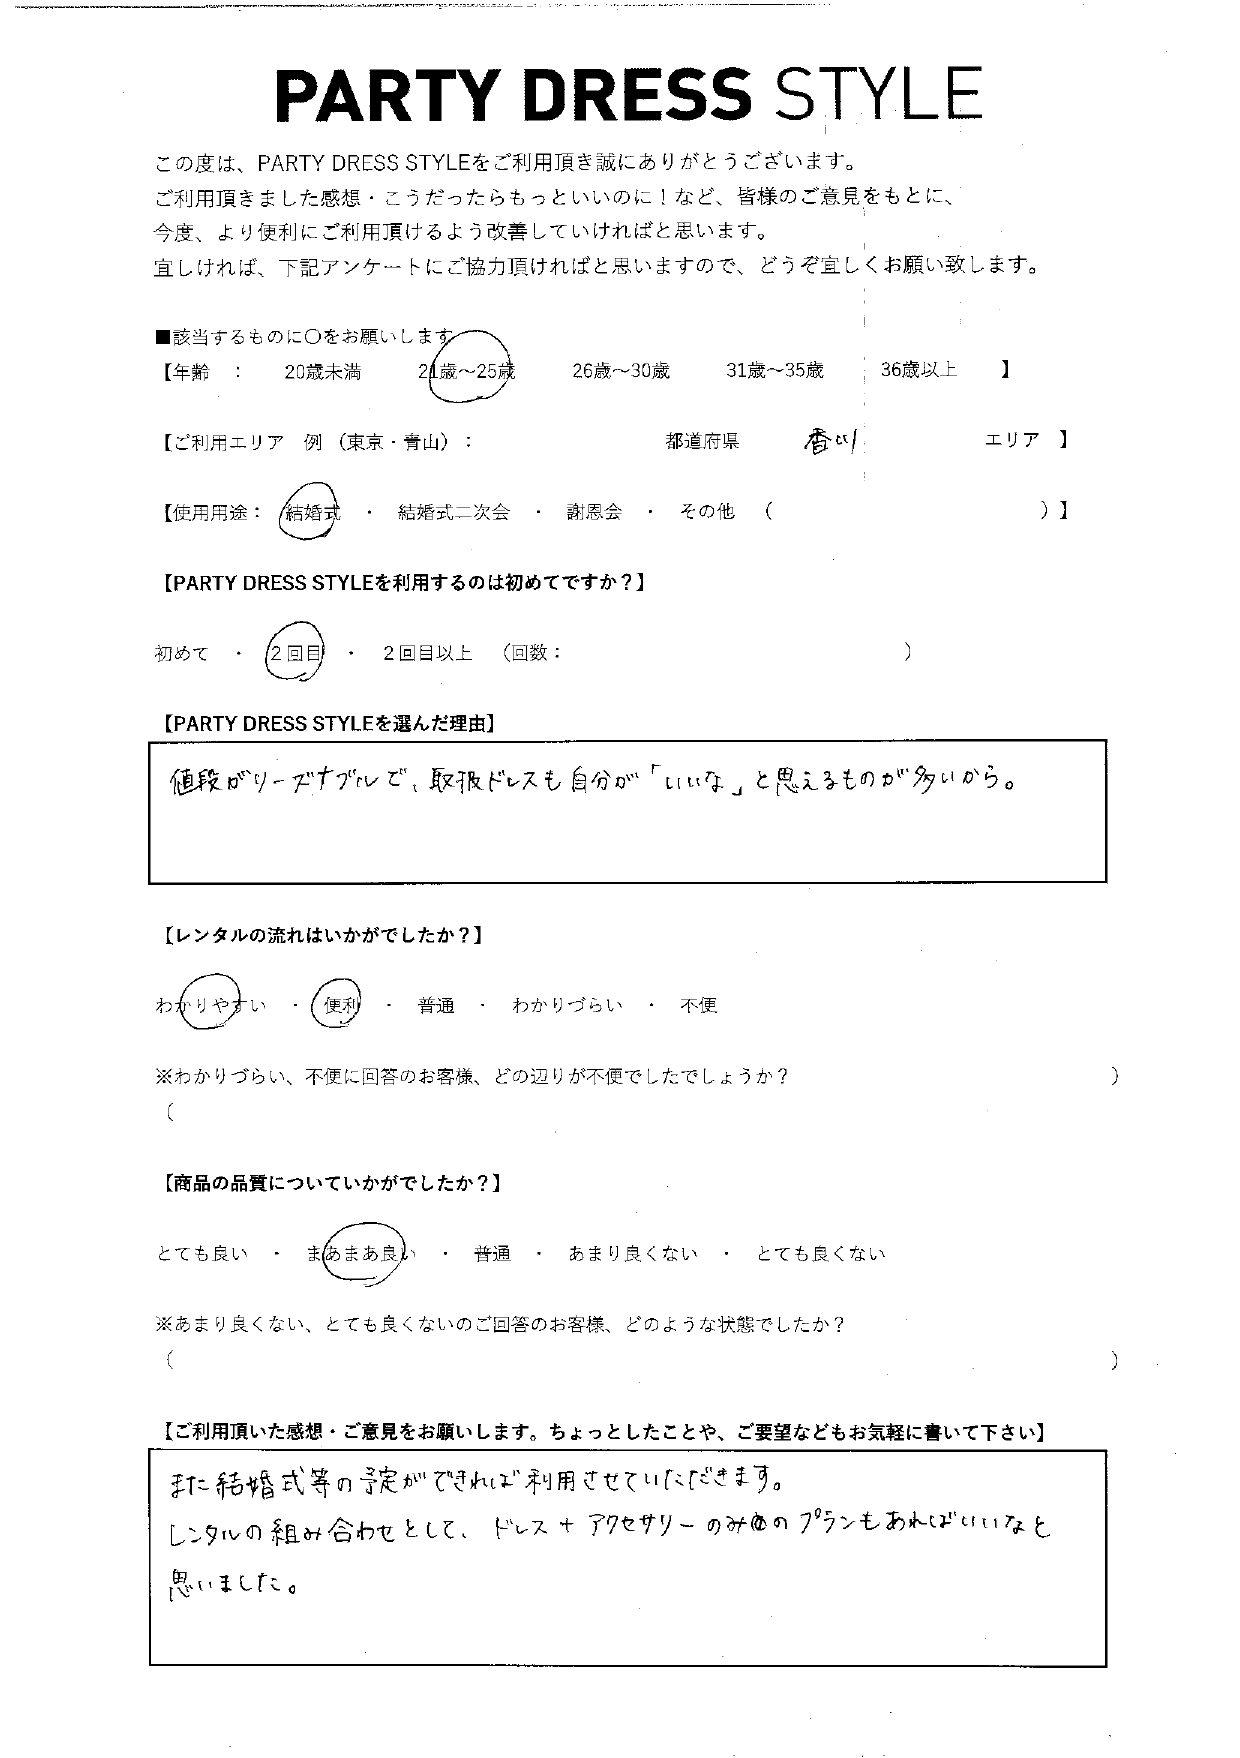 5/16結婚式ご利用 香川エリア